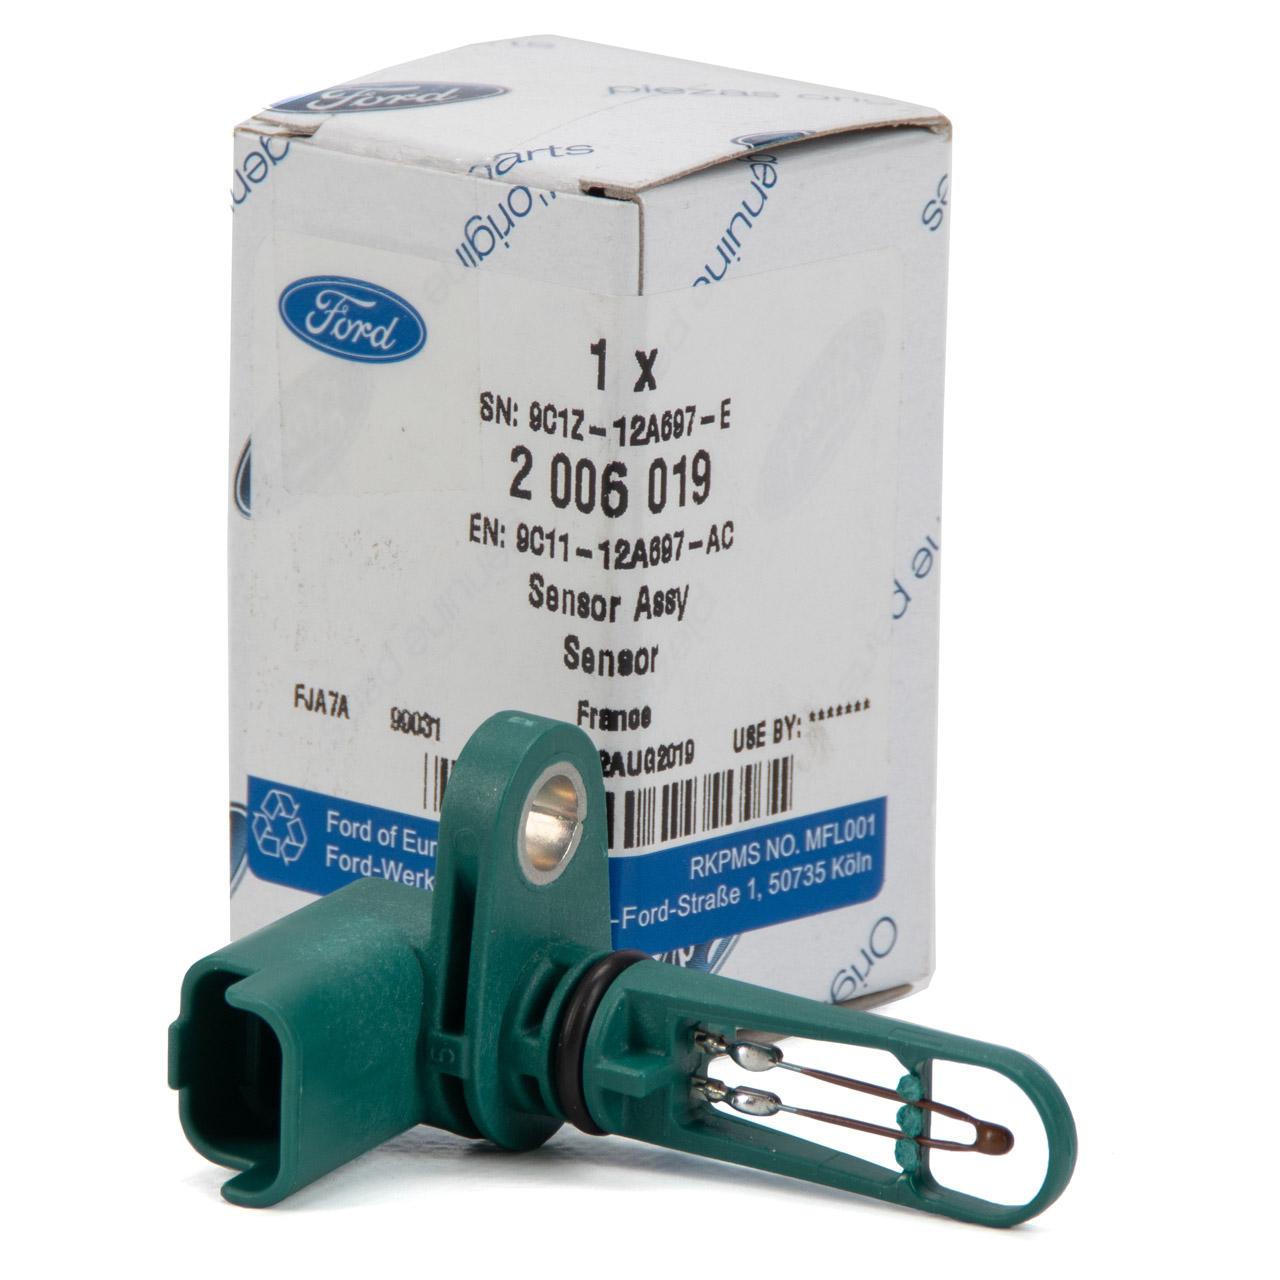 ORIGINAL Ford Temperaturgeber Ansauglufttemperatur TRANSIT 2.2 TDCi 2006019